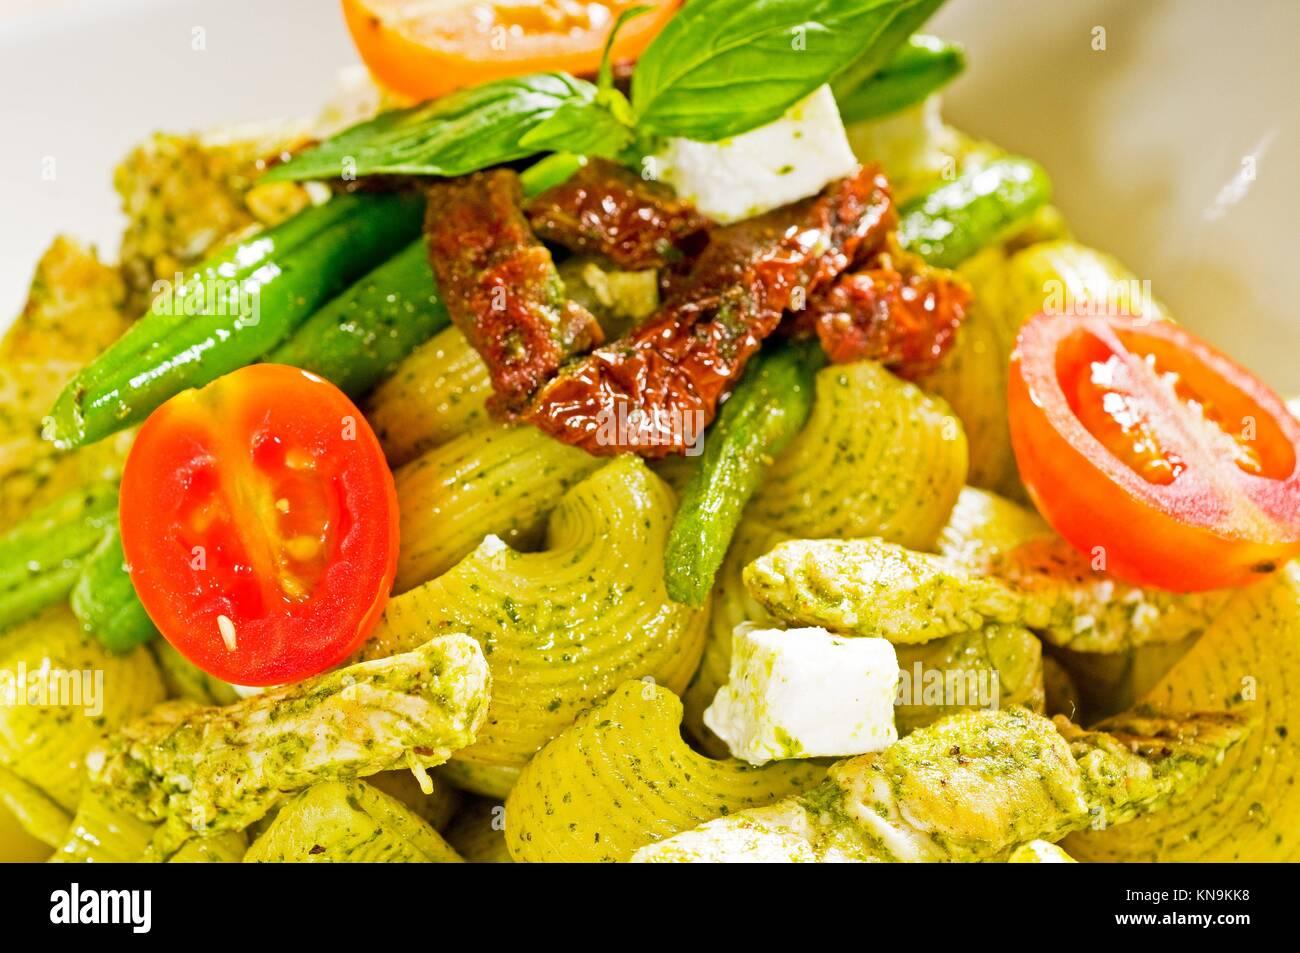 Frische lumaconi Nudeln und Pesto Sauce mit Gemüse und getrockneten Tomaten, typisches italienisches Essen. Stockbild